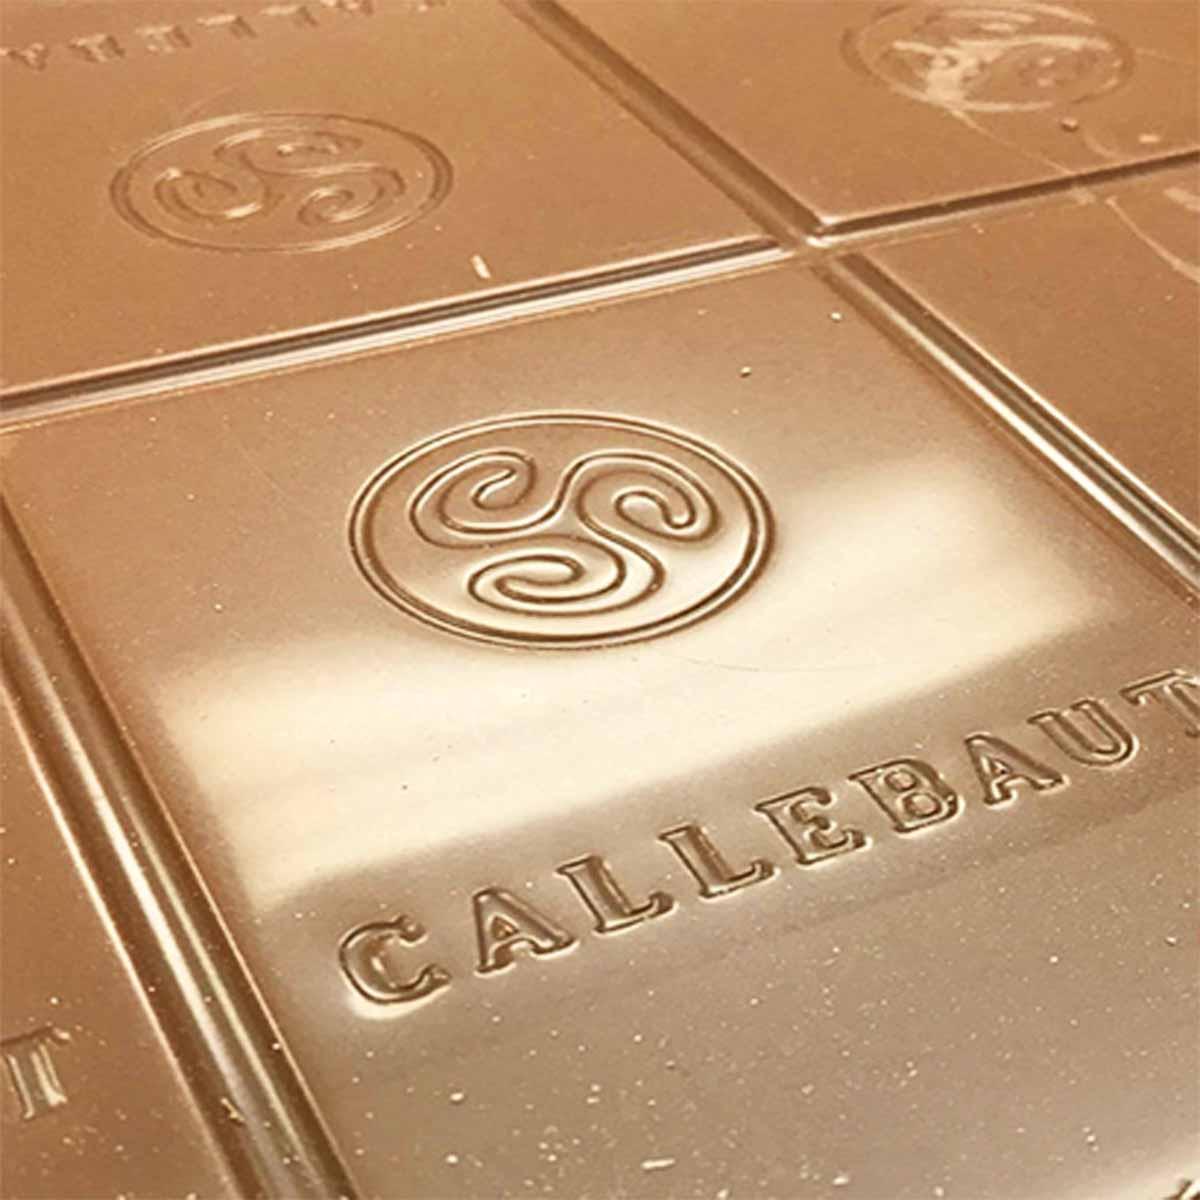 Chocolate Ao Leite Malchoc-M 5kg  33.9% Callebaut